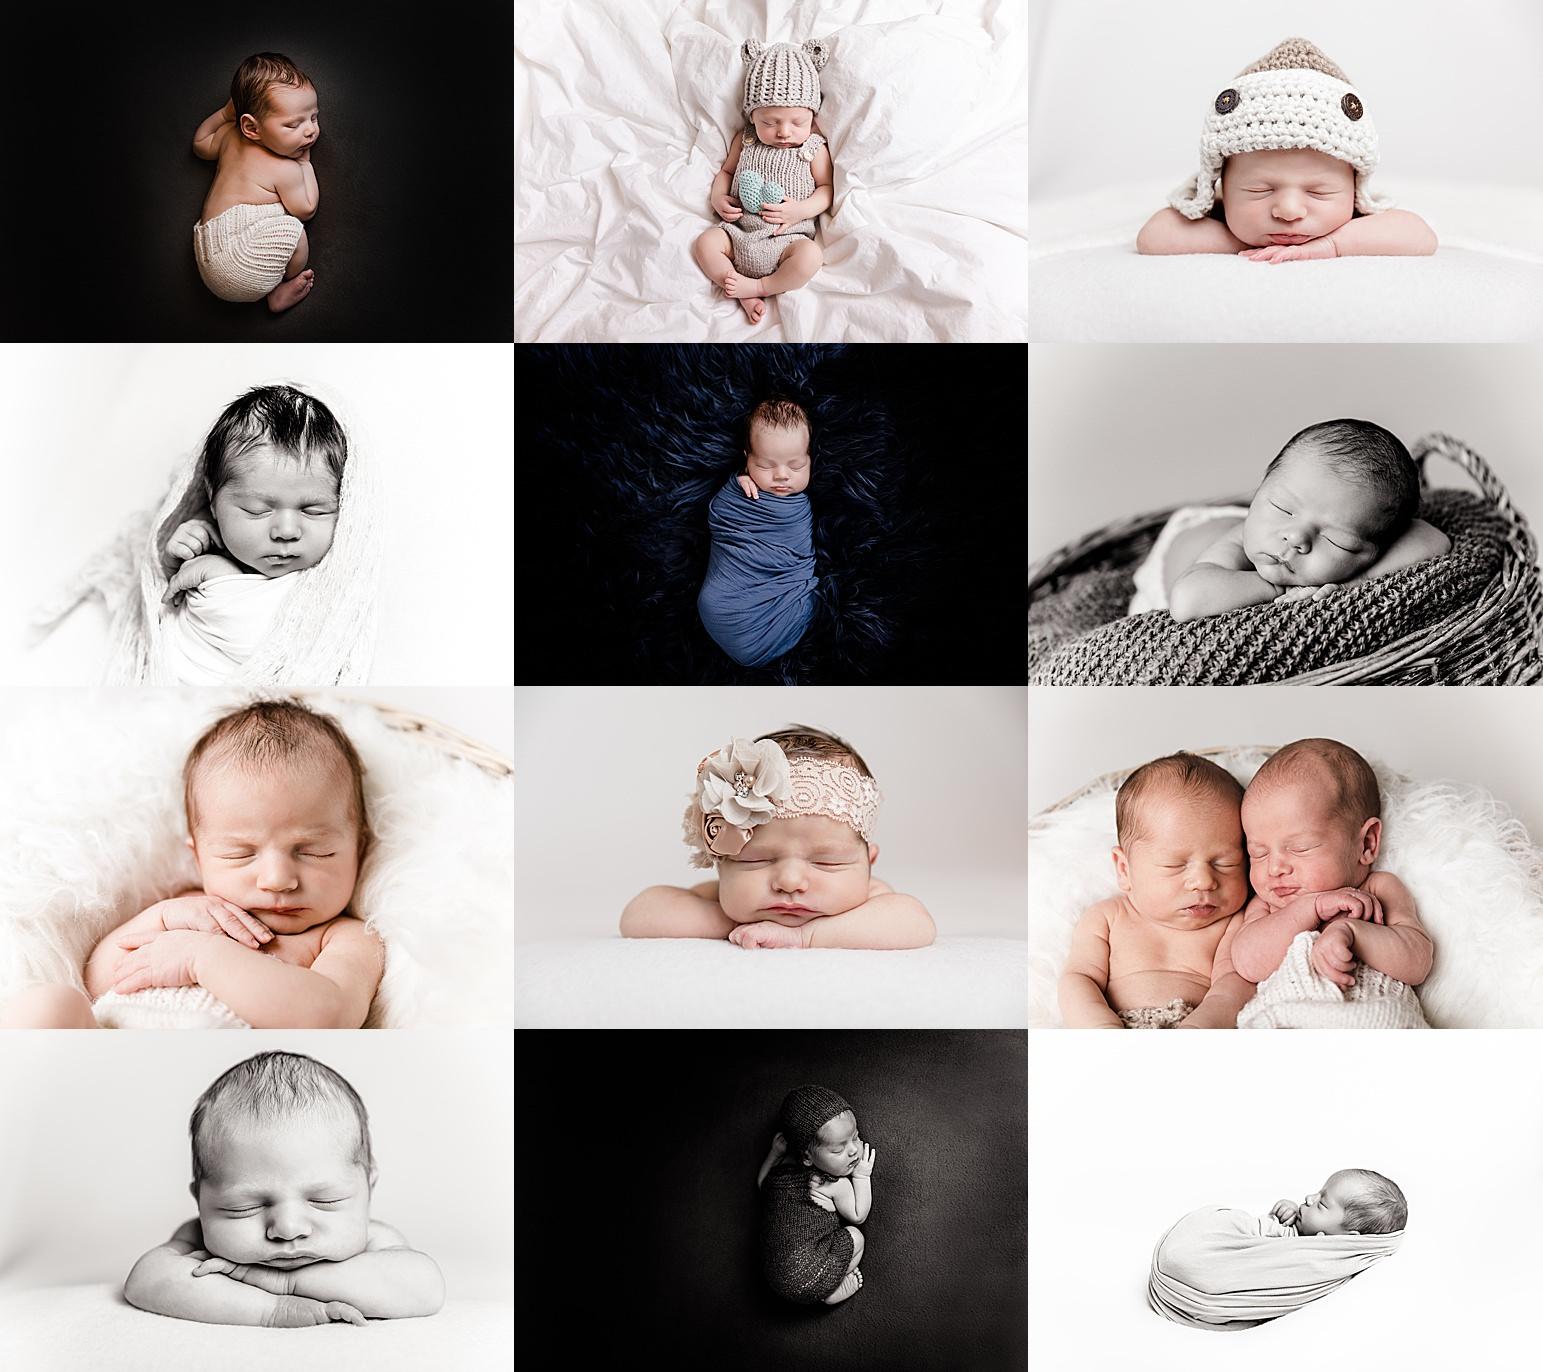 nyfødtfotografering_nyfødtfotograf_fotograf_fatmonkey_bærumsverk__0018.jpg